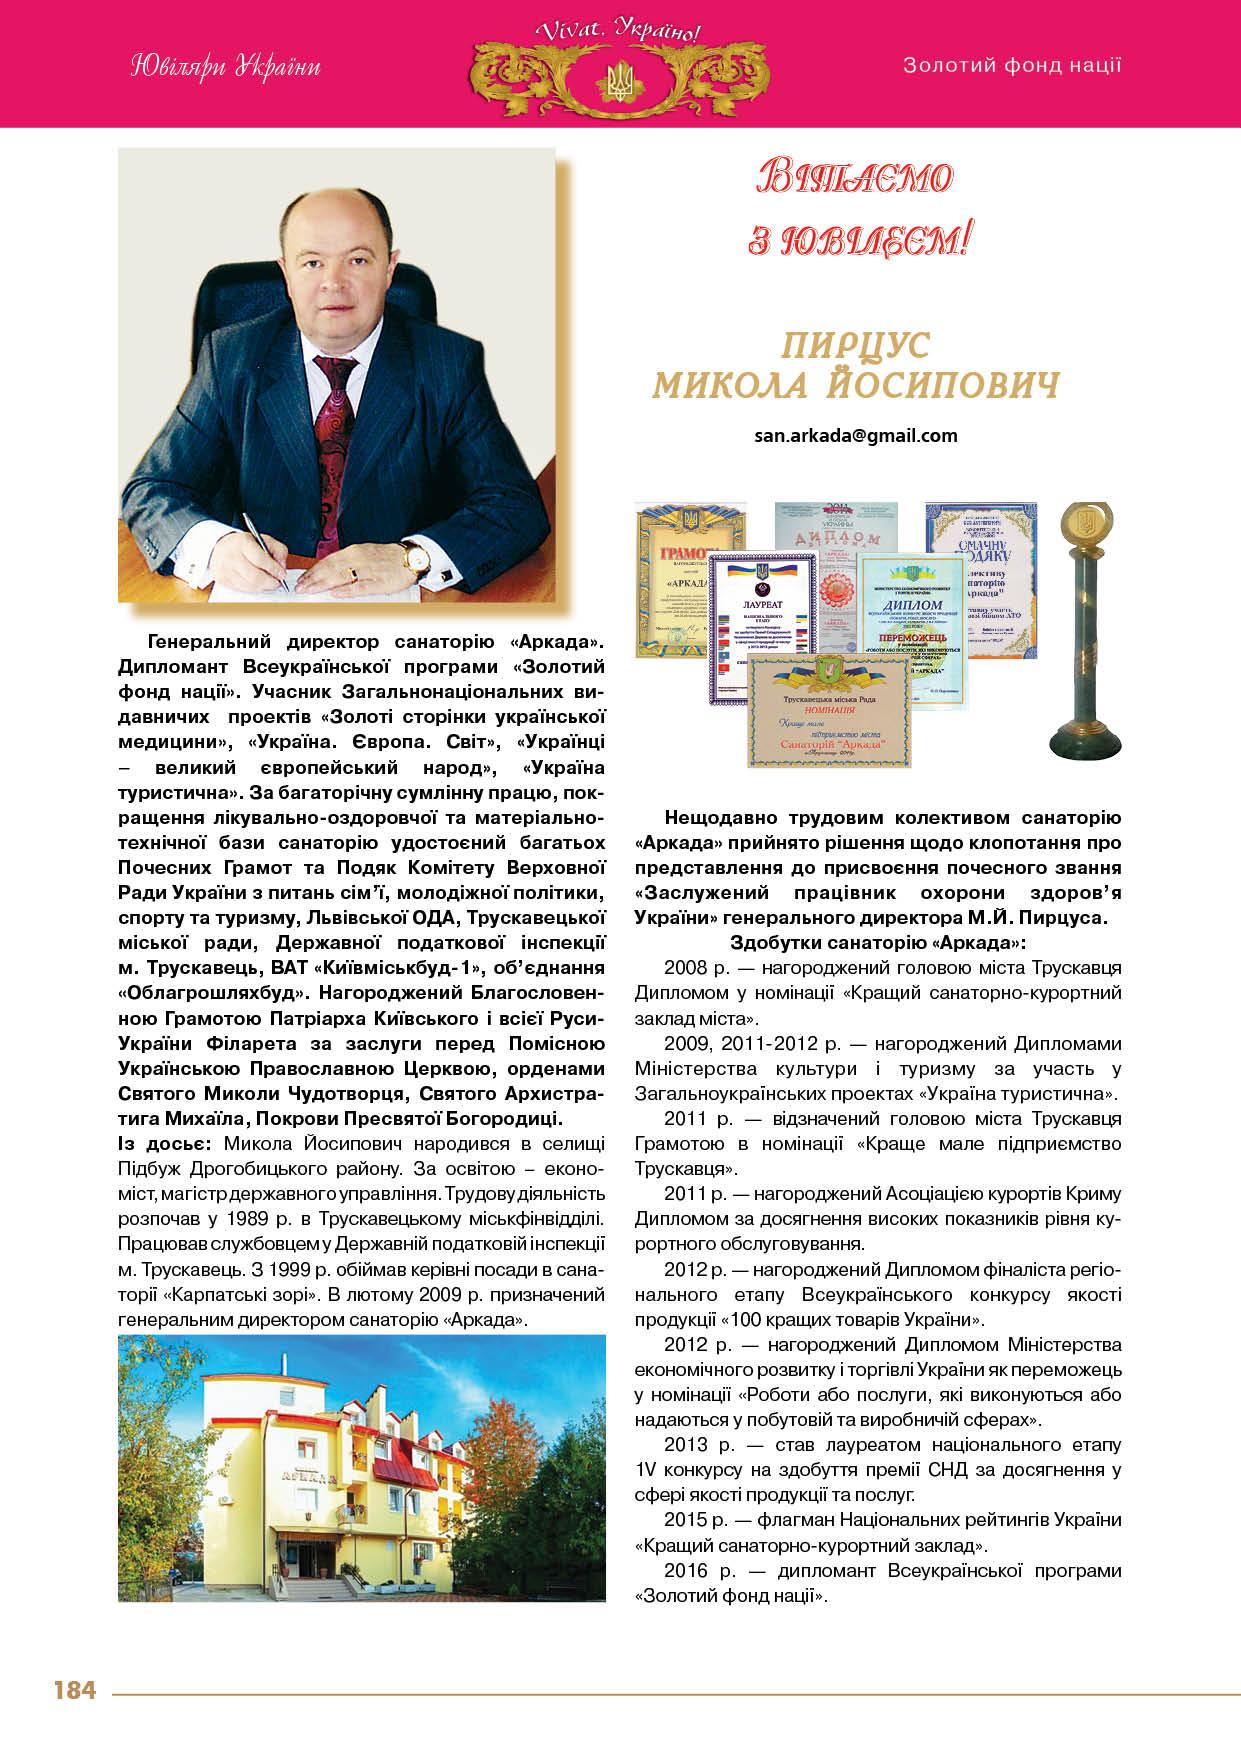 Санаторій «Аркада» - Пирцус Микола Йосипович